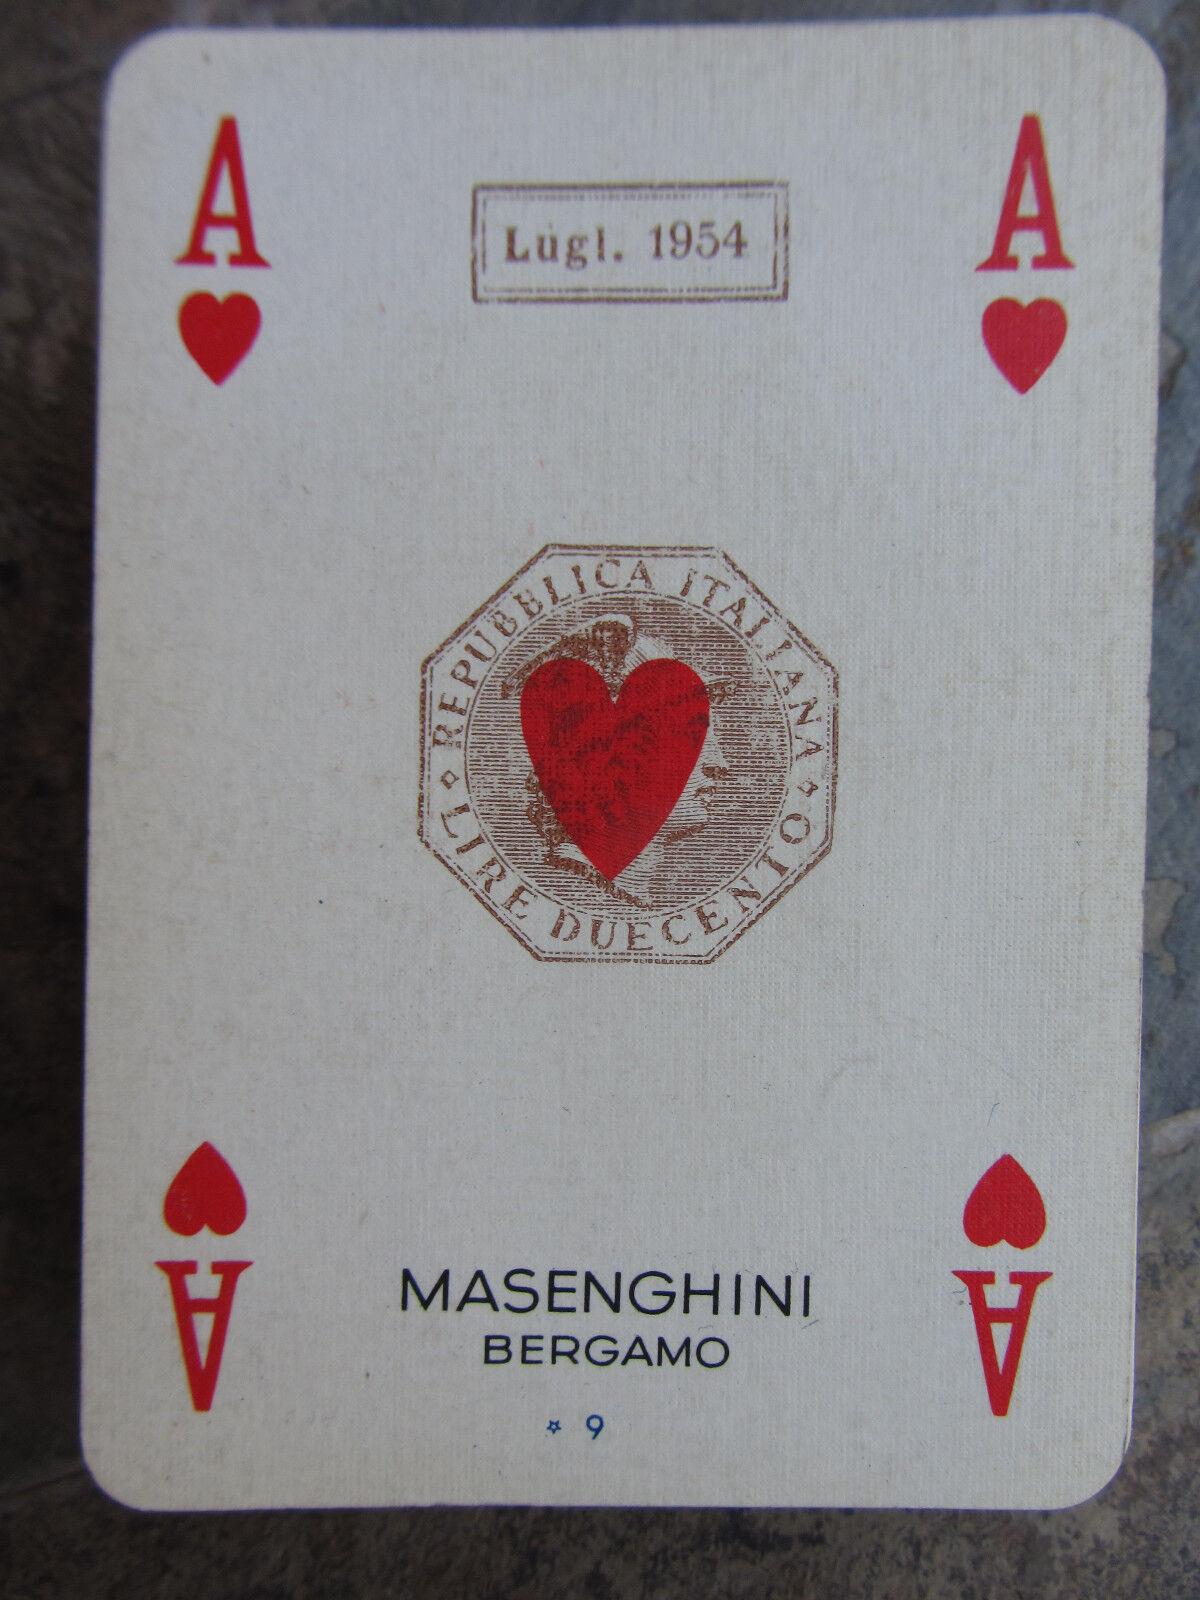 GINO BOCCASILE CARTE DA GIOCO PUBBLICITARIE MUGOLIO MUGOLIO MUGOLIO MASENGHINI BOLLO 1954 ac5b90